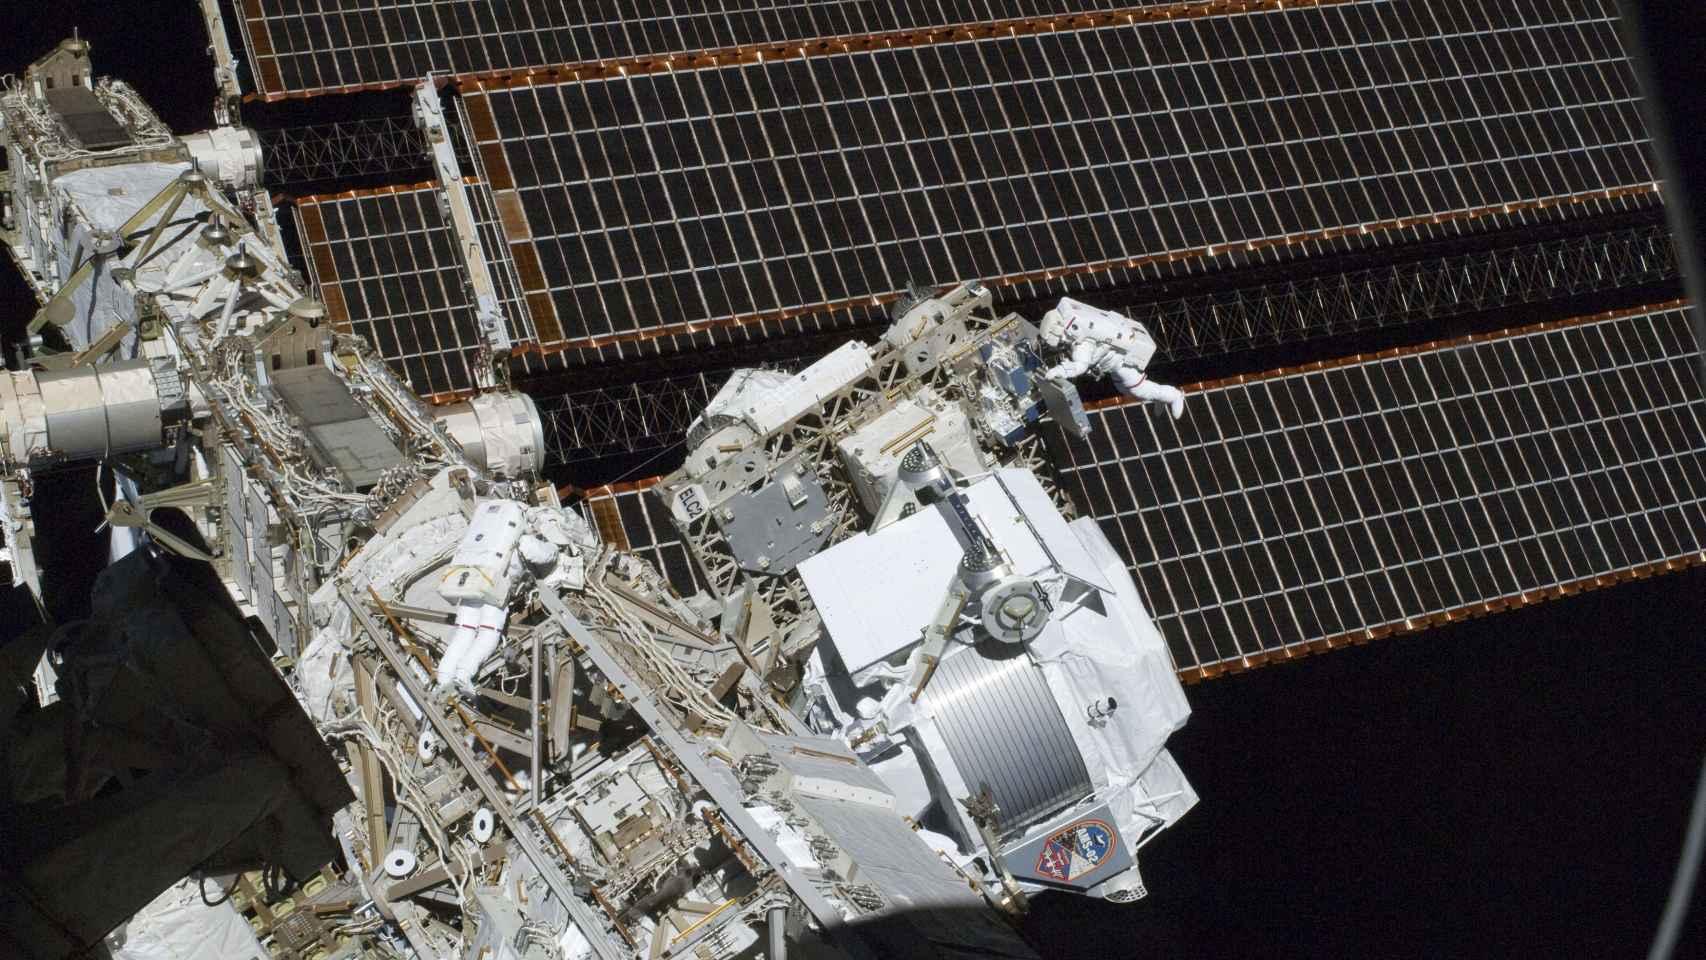 NASA/REUTERS